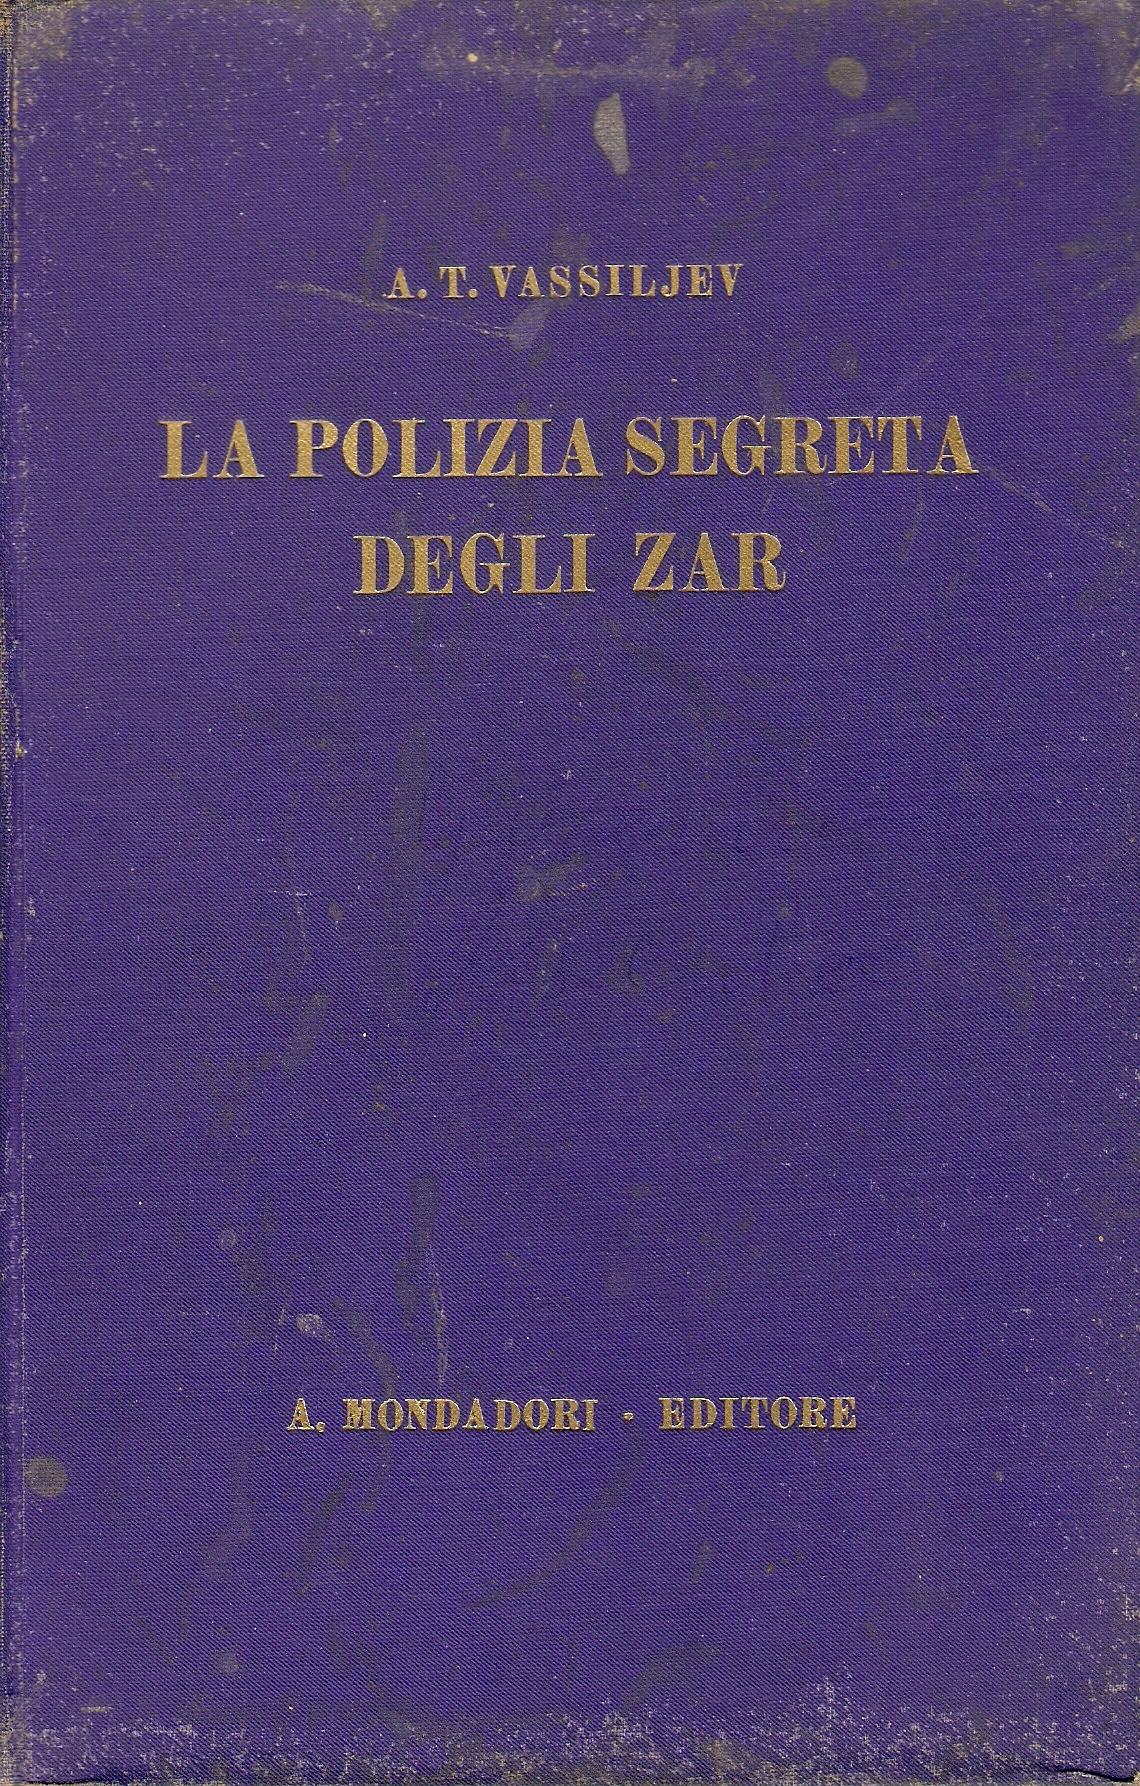 La polizia segreta degli zar